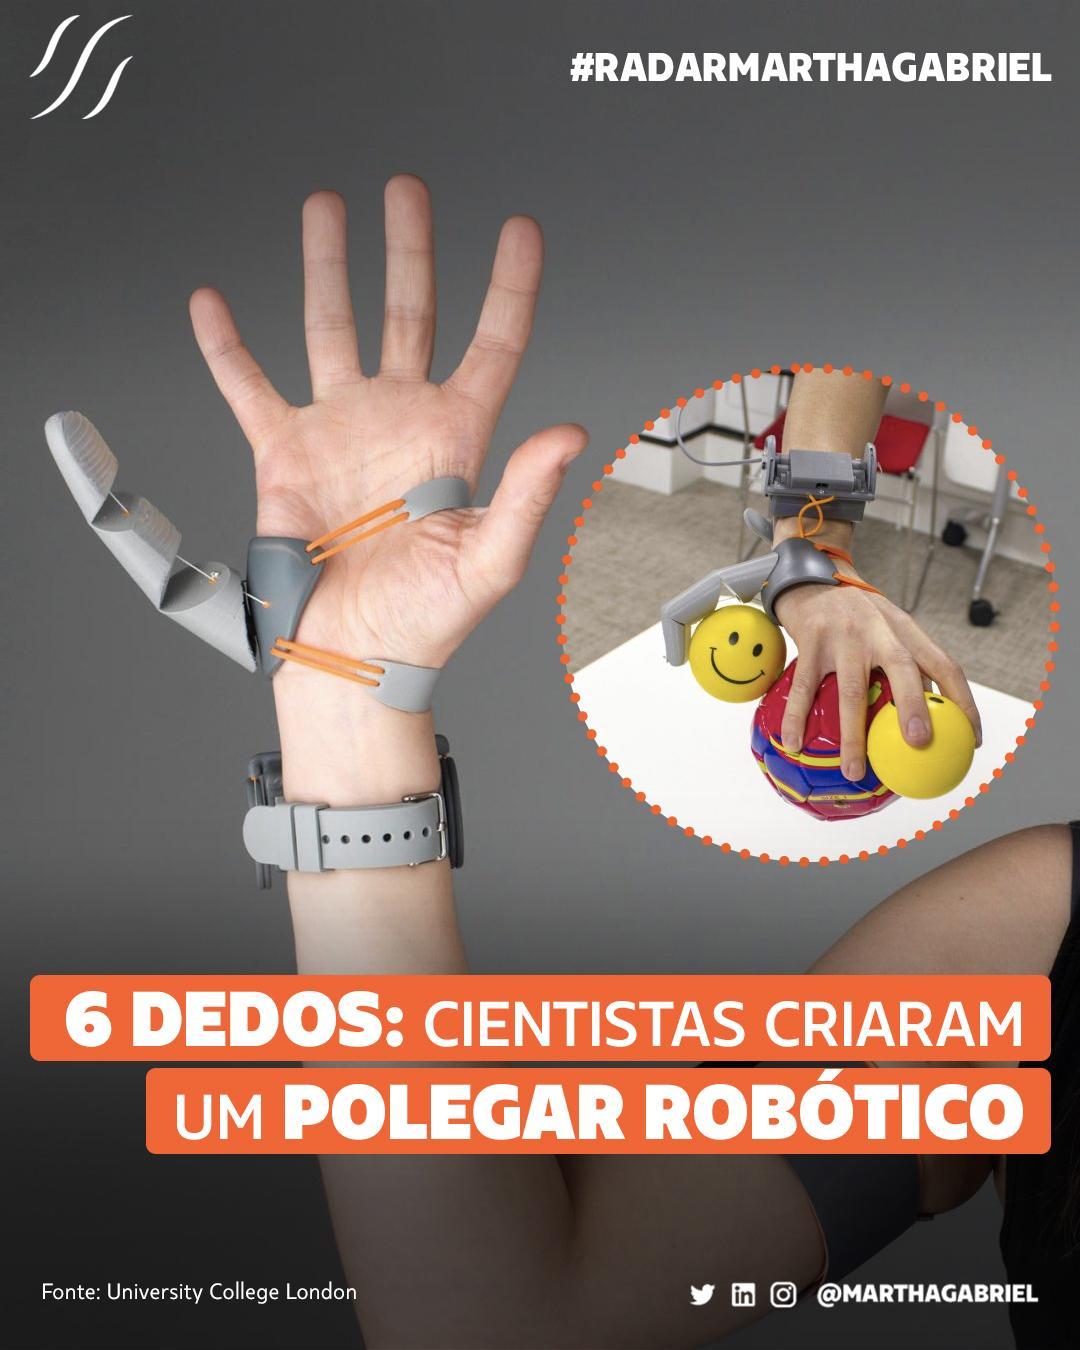 6 dedos: cientistas criaram um polegar robótico